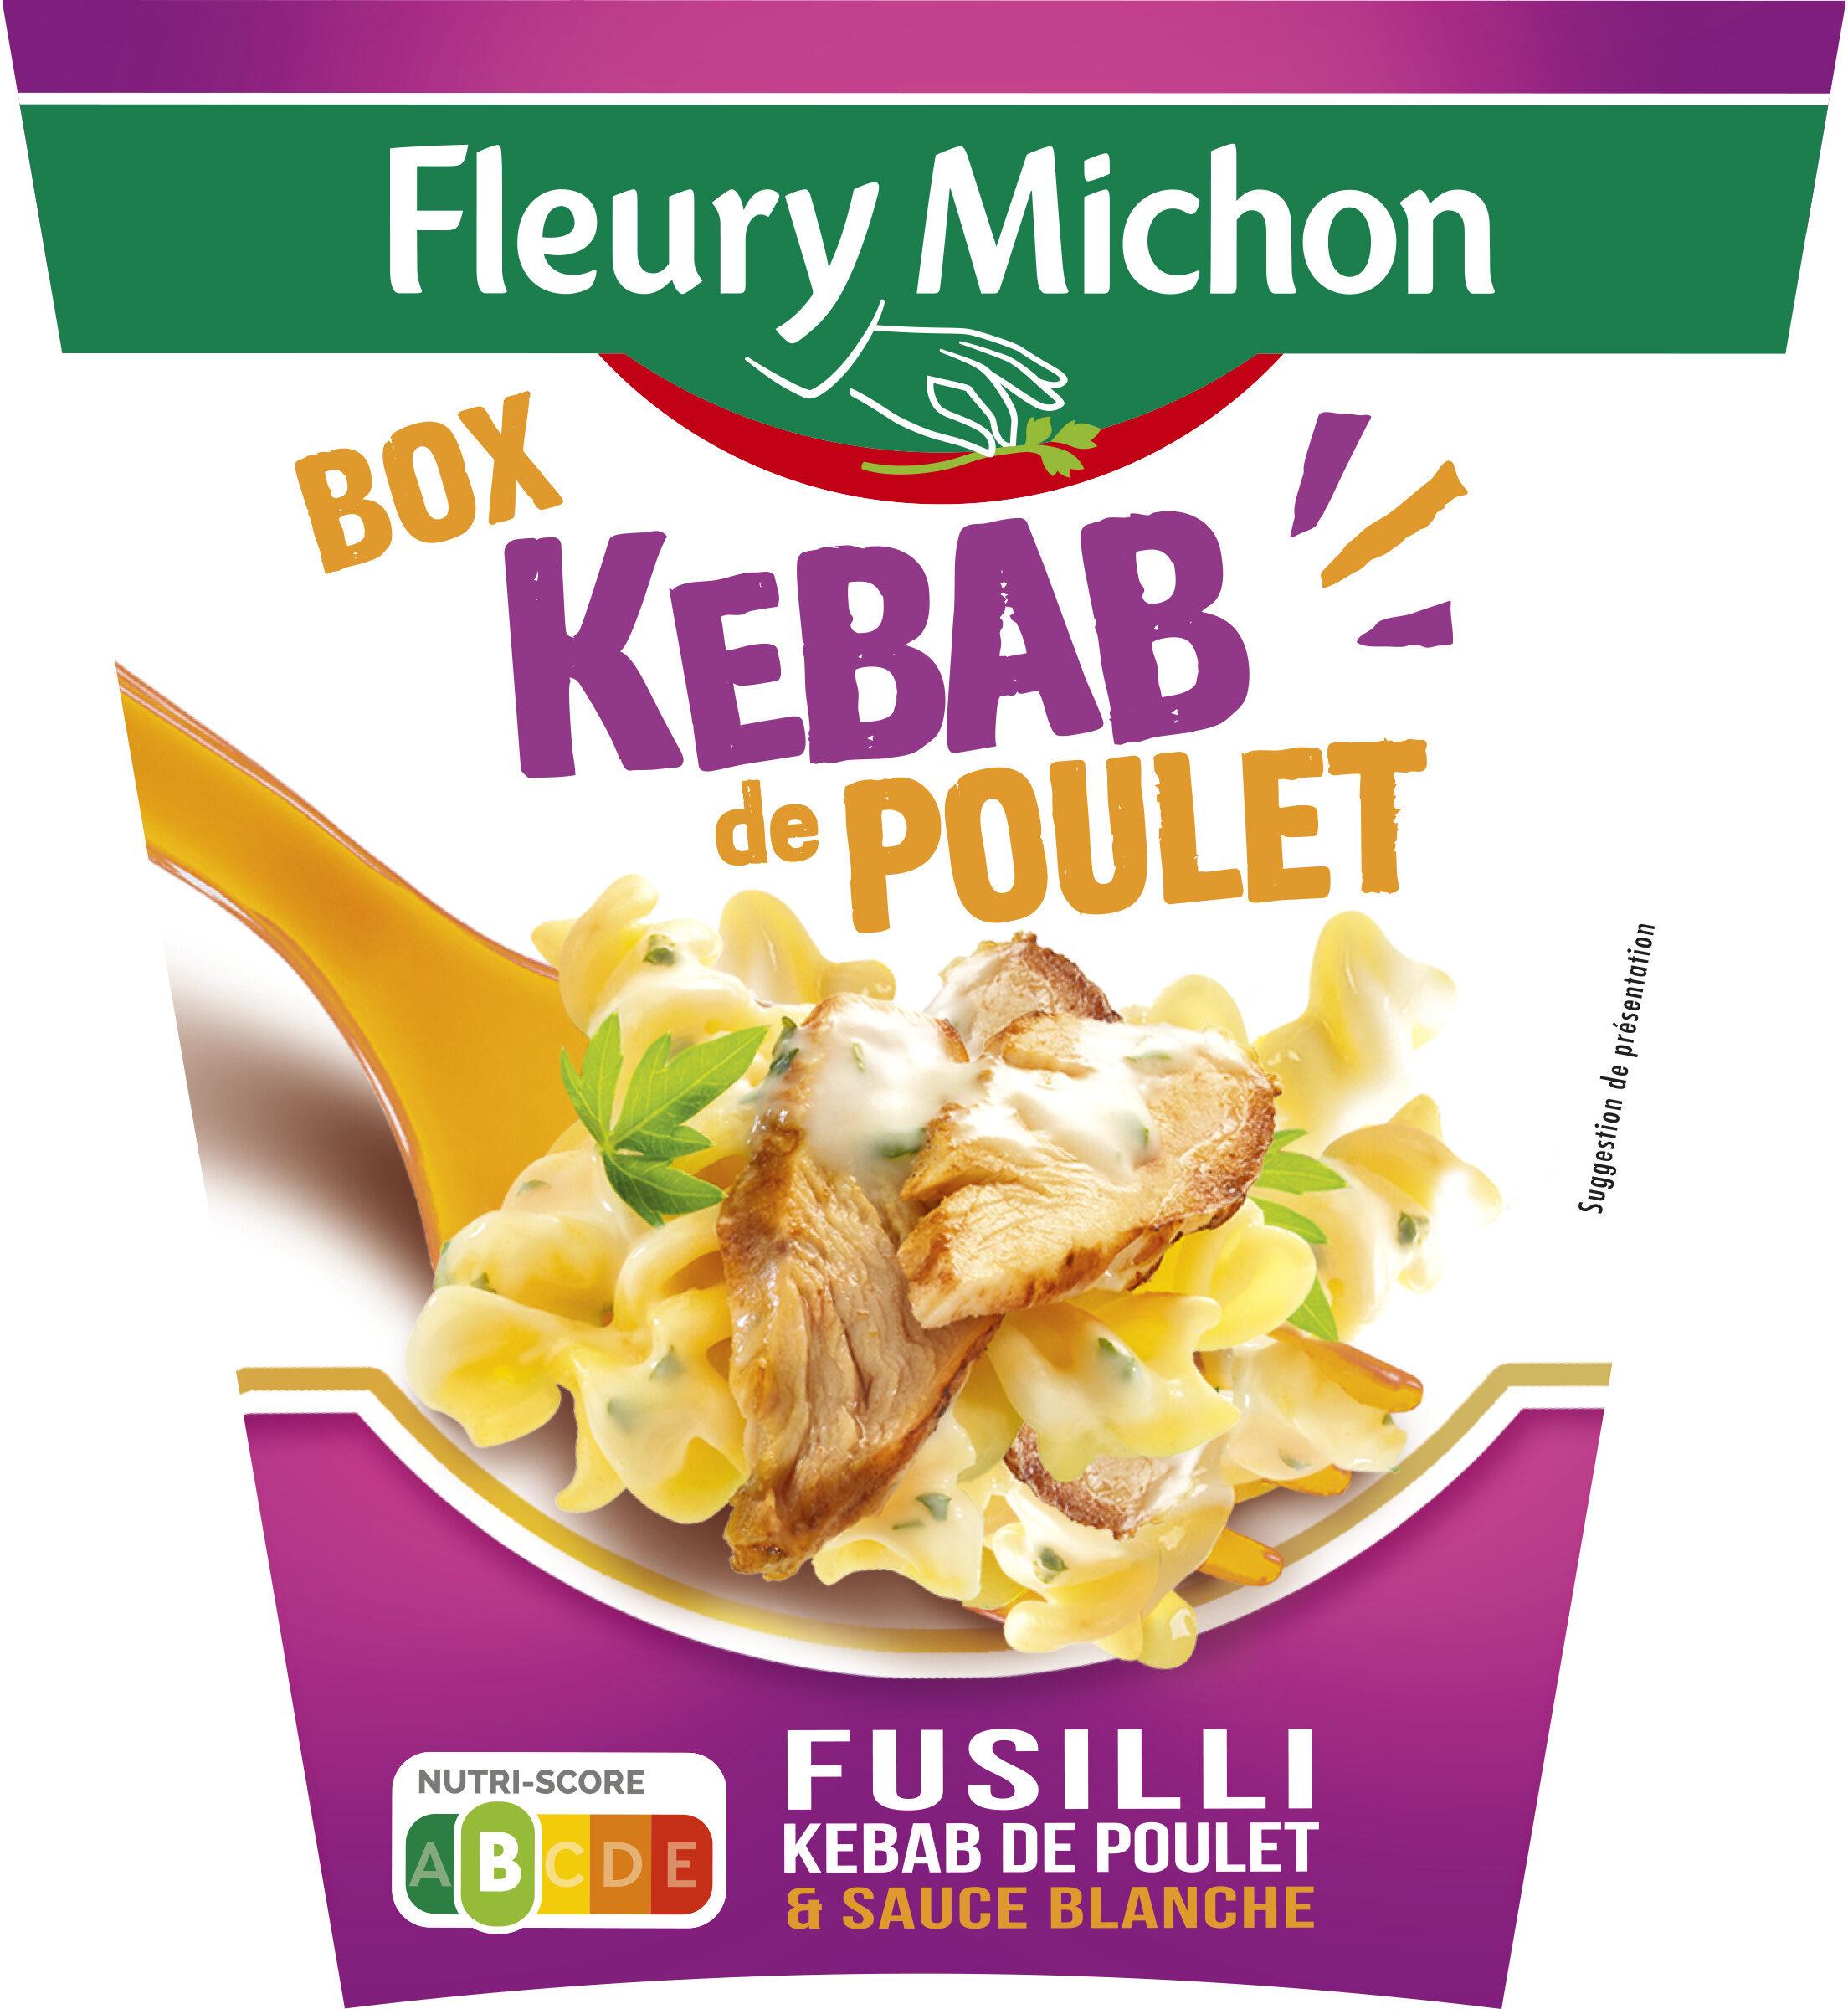 BOX KEBAB de POULET (fusilli kebab de poulet & sauce blanche) - Produit - fr